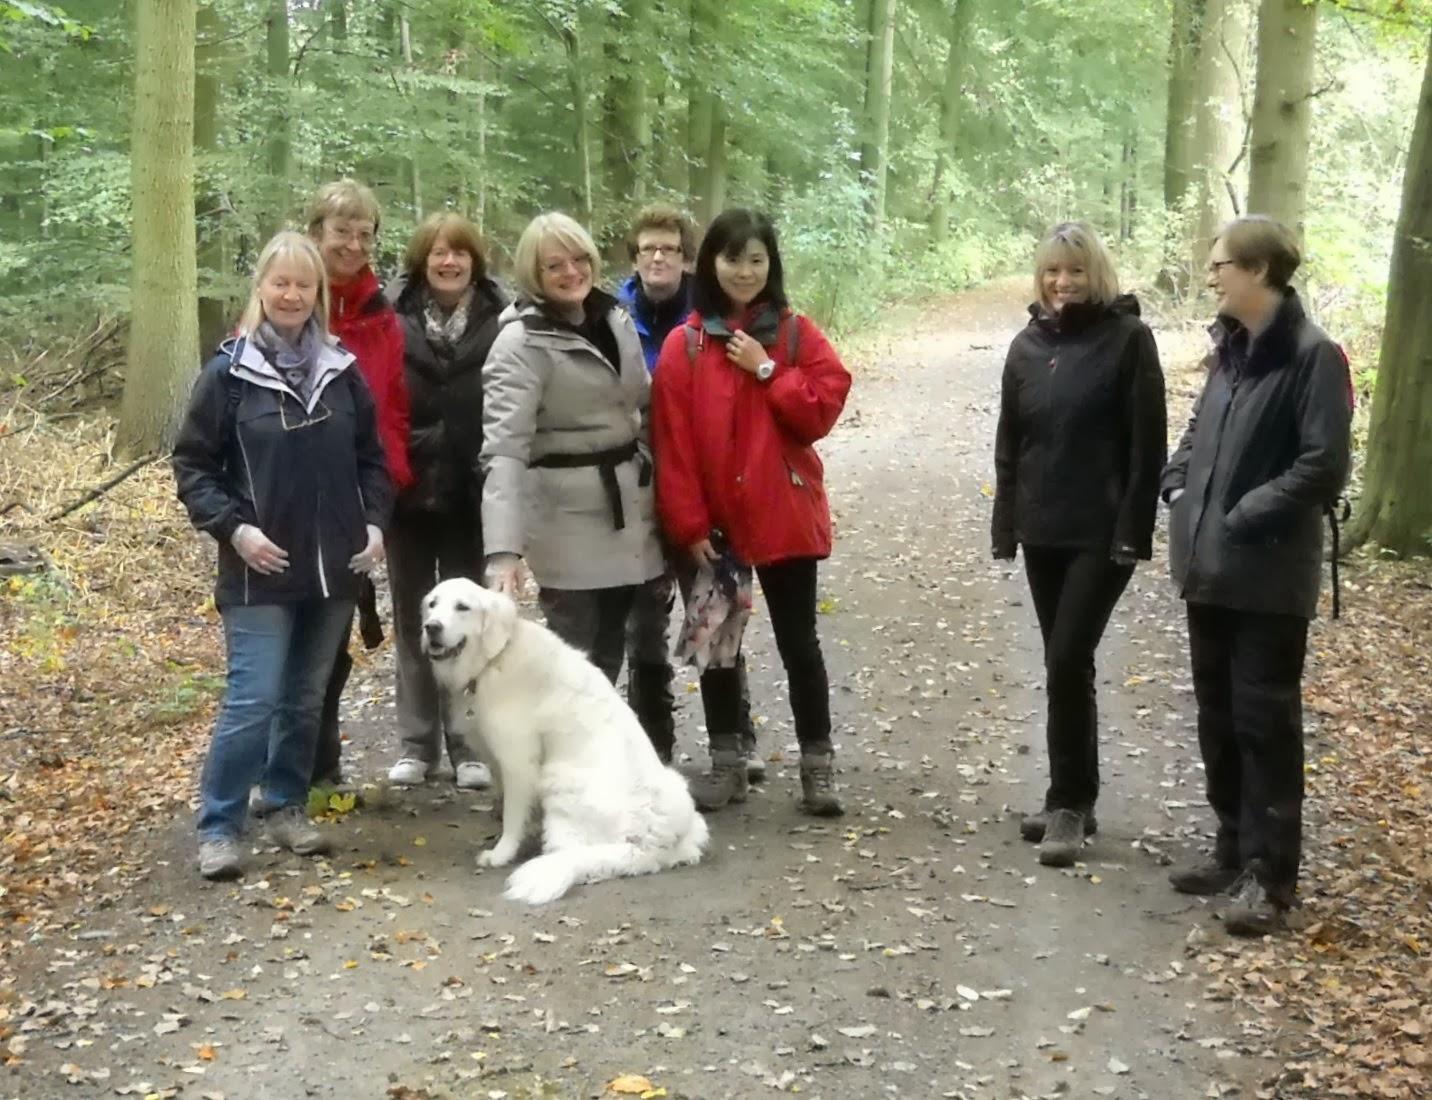 The WIC Walker: Charlotte's walk in Groenendal